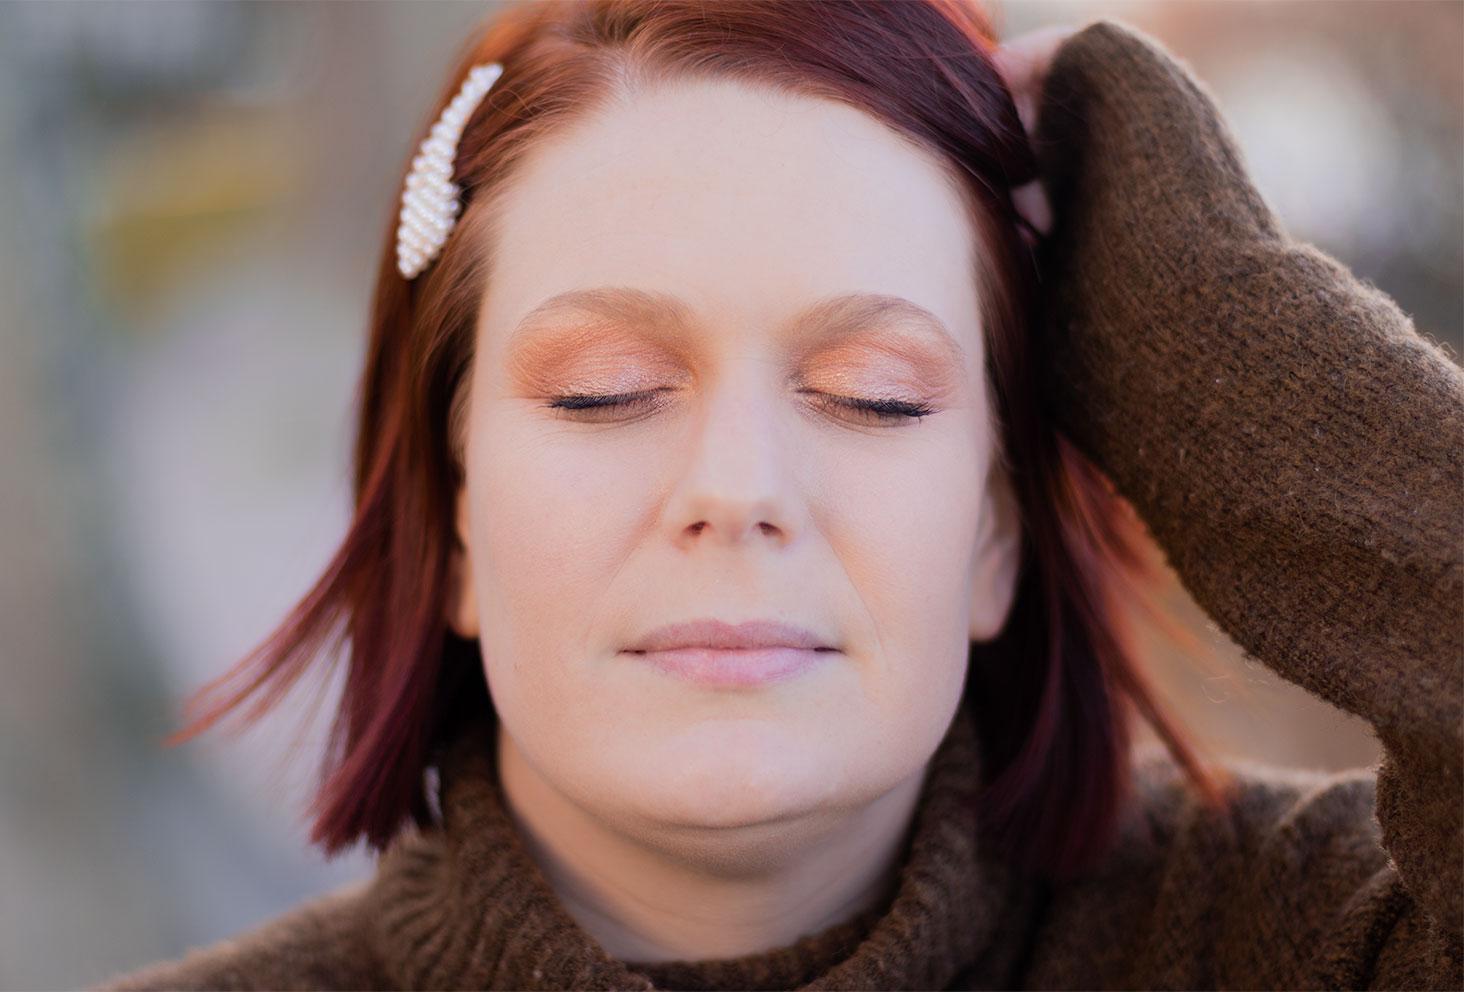 Résultat yeux fermés du make-up nude réalisé avec la palette Tartelette Toasted de Tarte